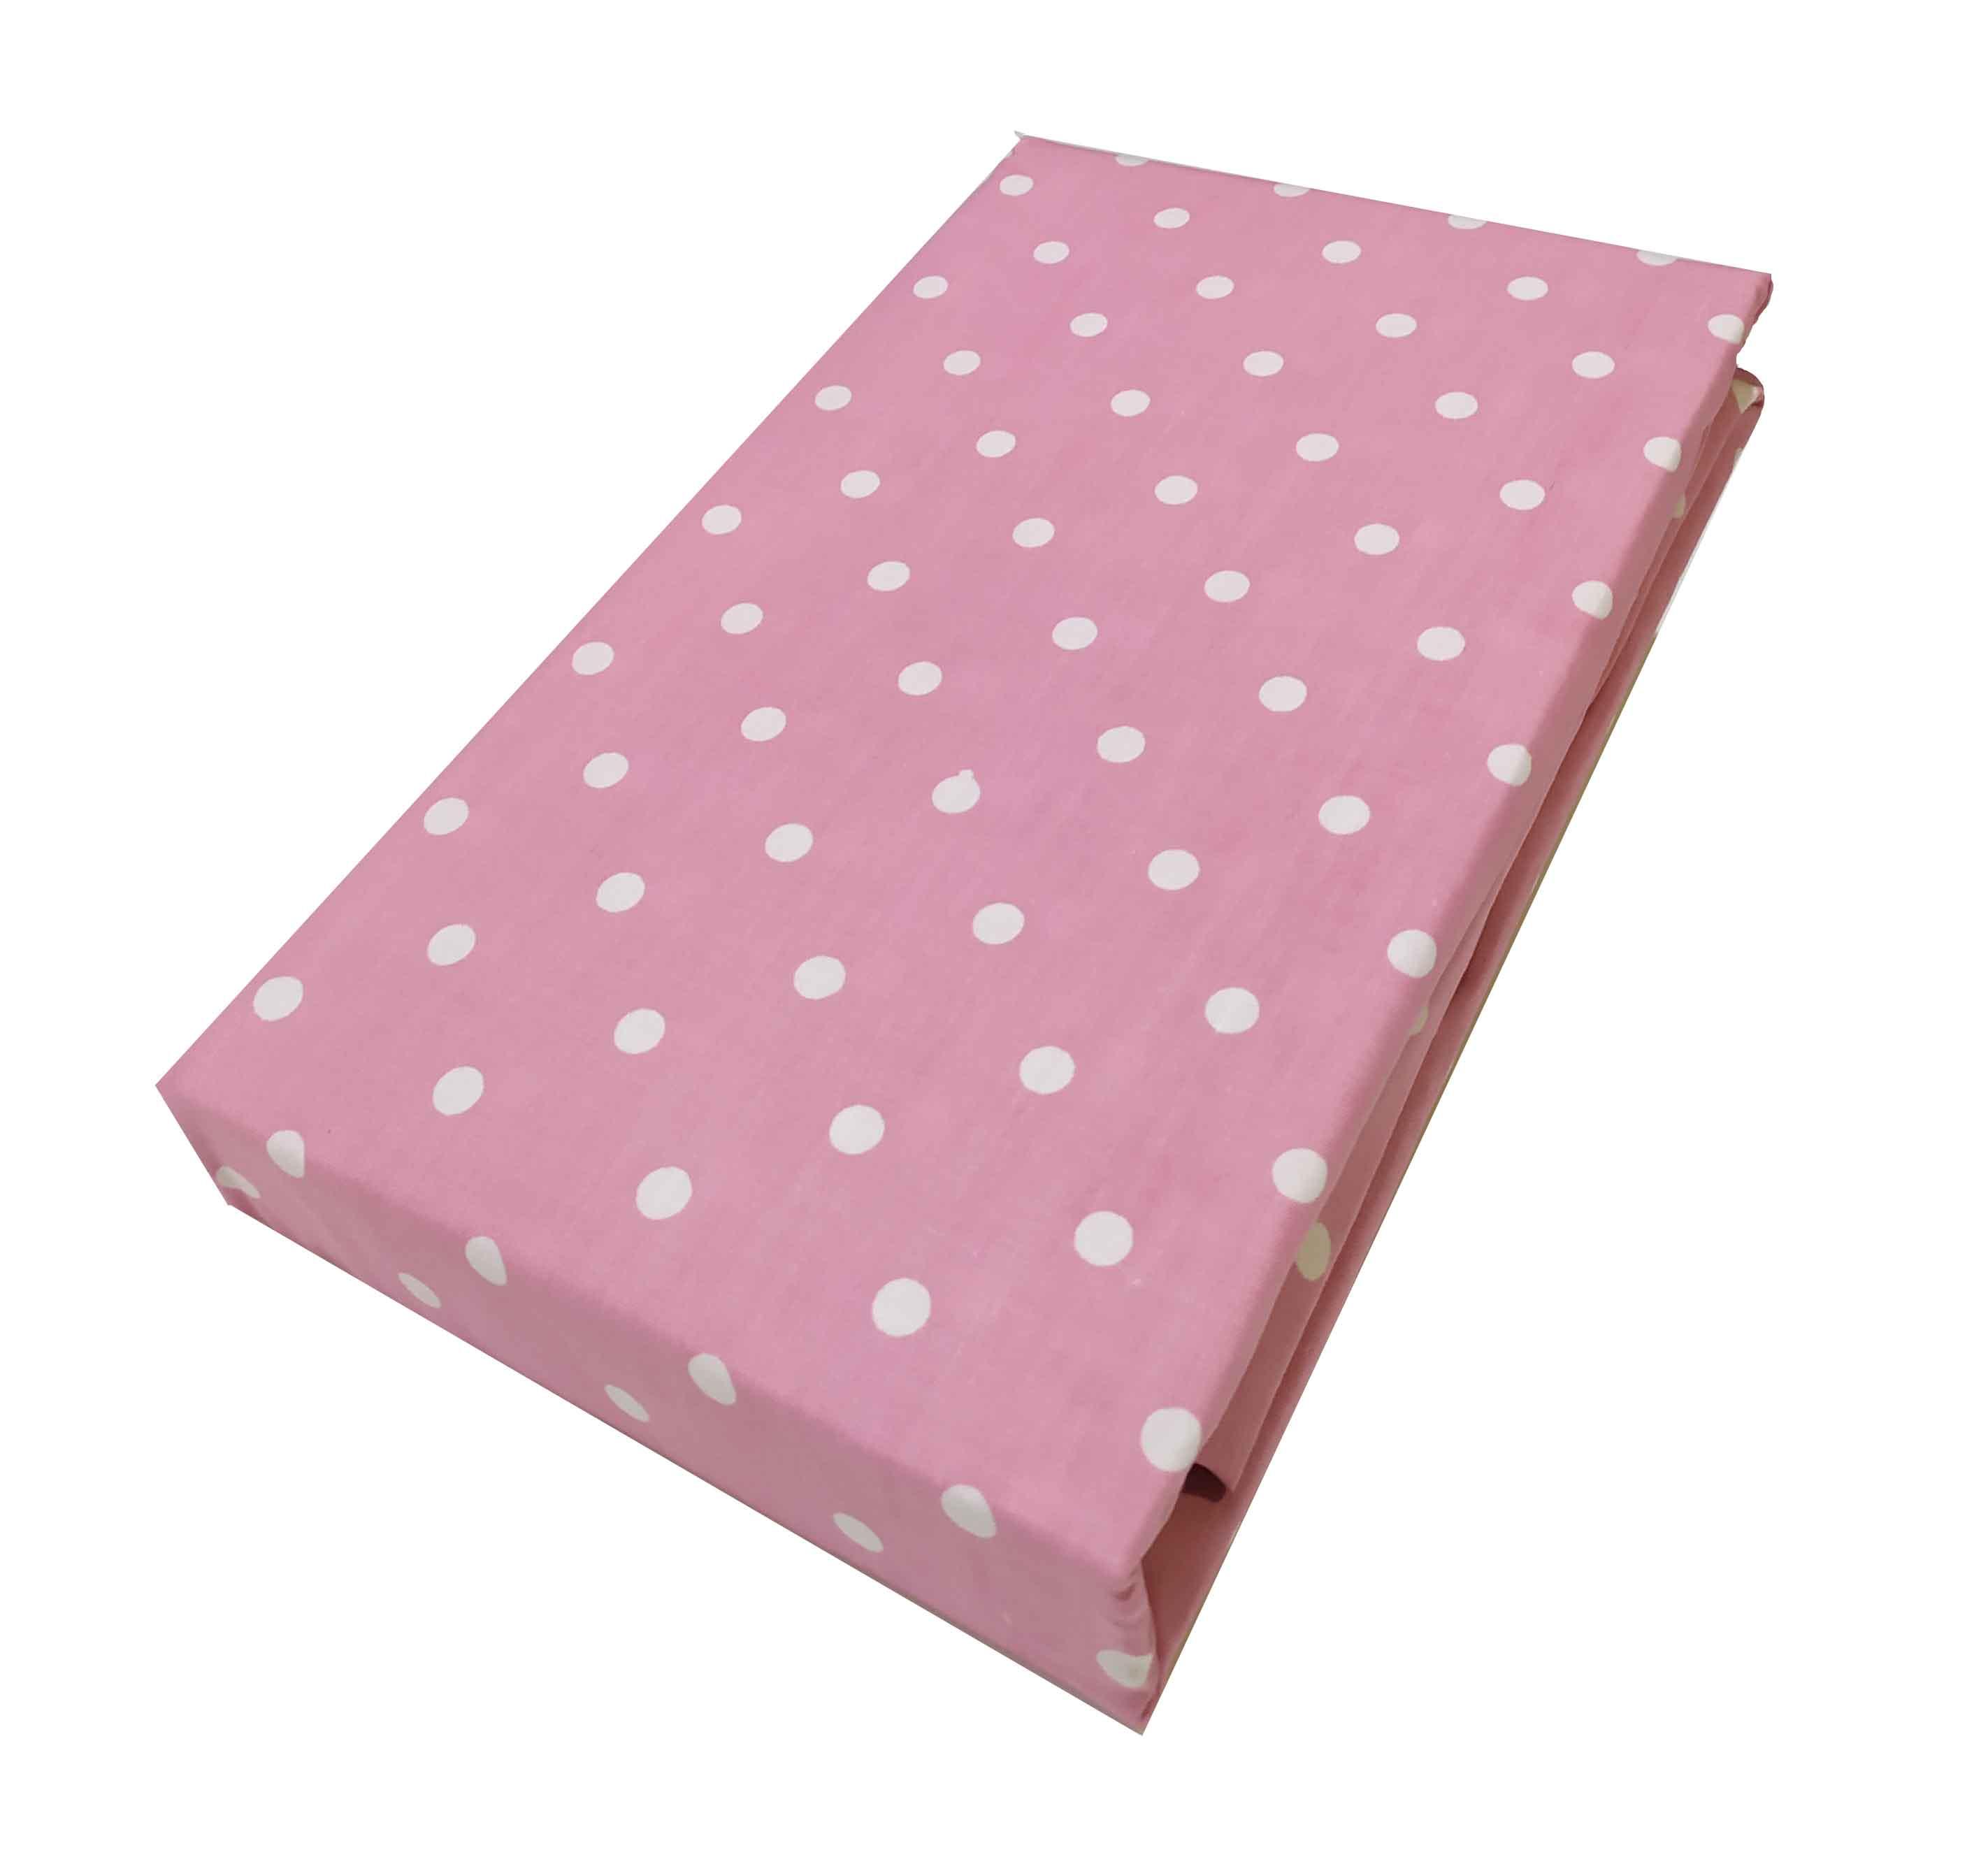 Ζεύγος Mαξιλαροθήκες ΚΟΜΒΟΣ Cotton Line Printed Dots Light Pink  50x70 - 7000139-34